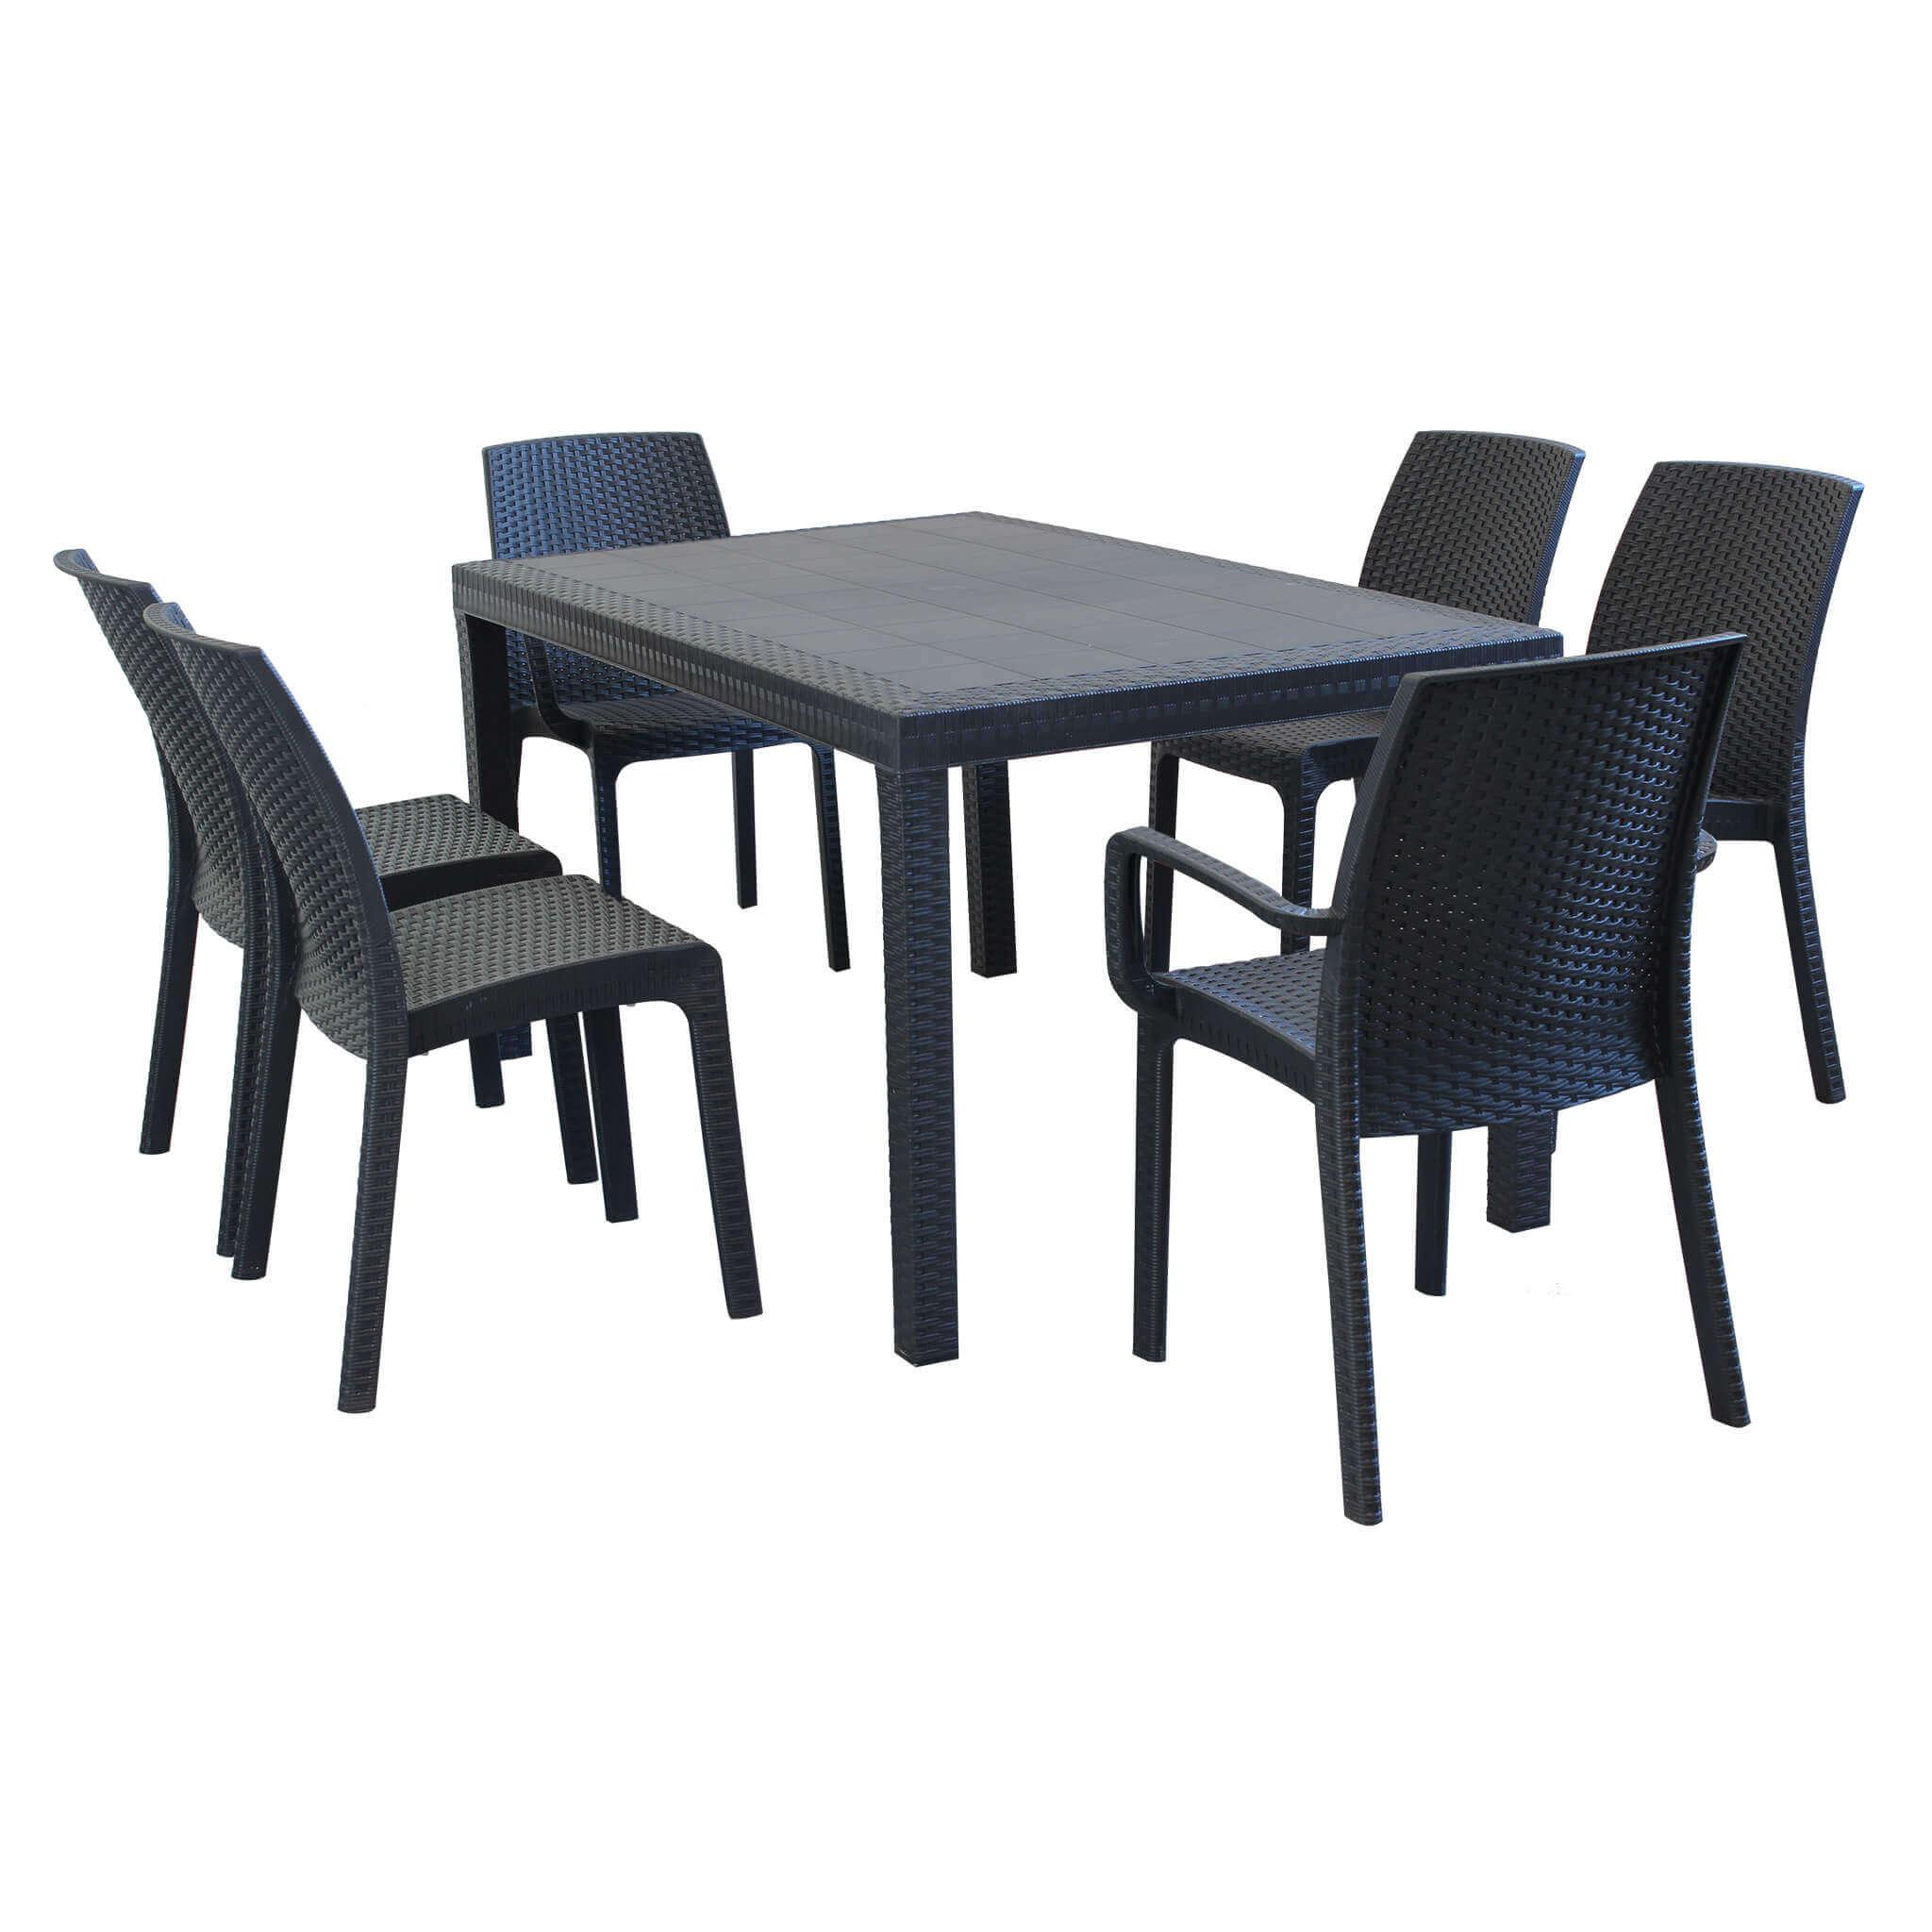 Milani Home EQUITATUS - set tavolo fisso in wicker cm 150 x 90 compreso di 6 sedute